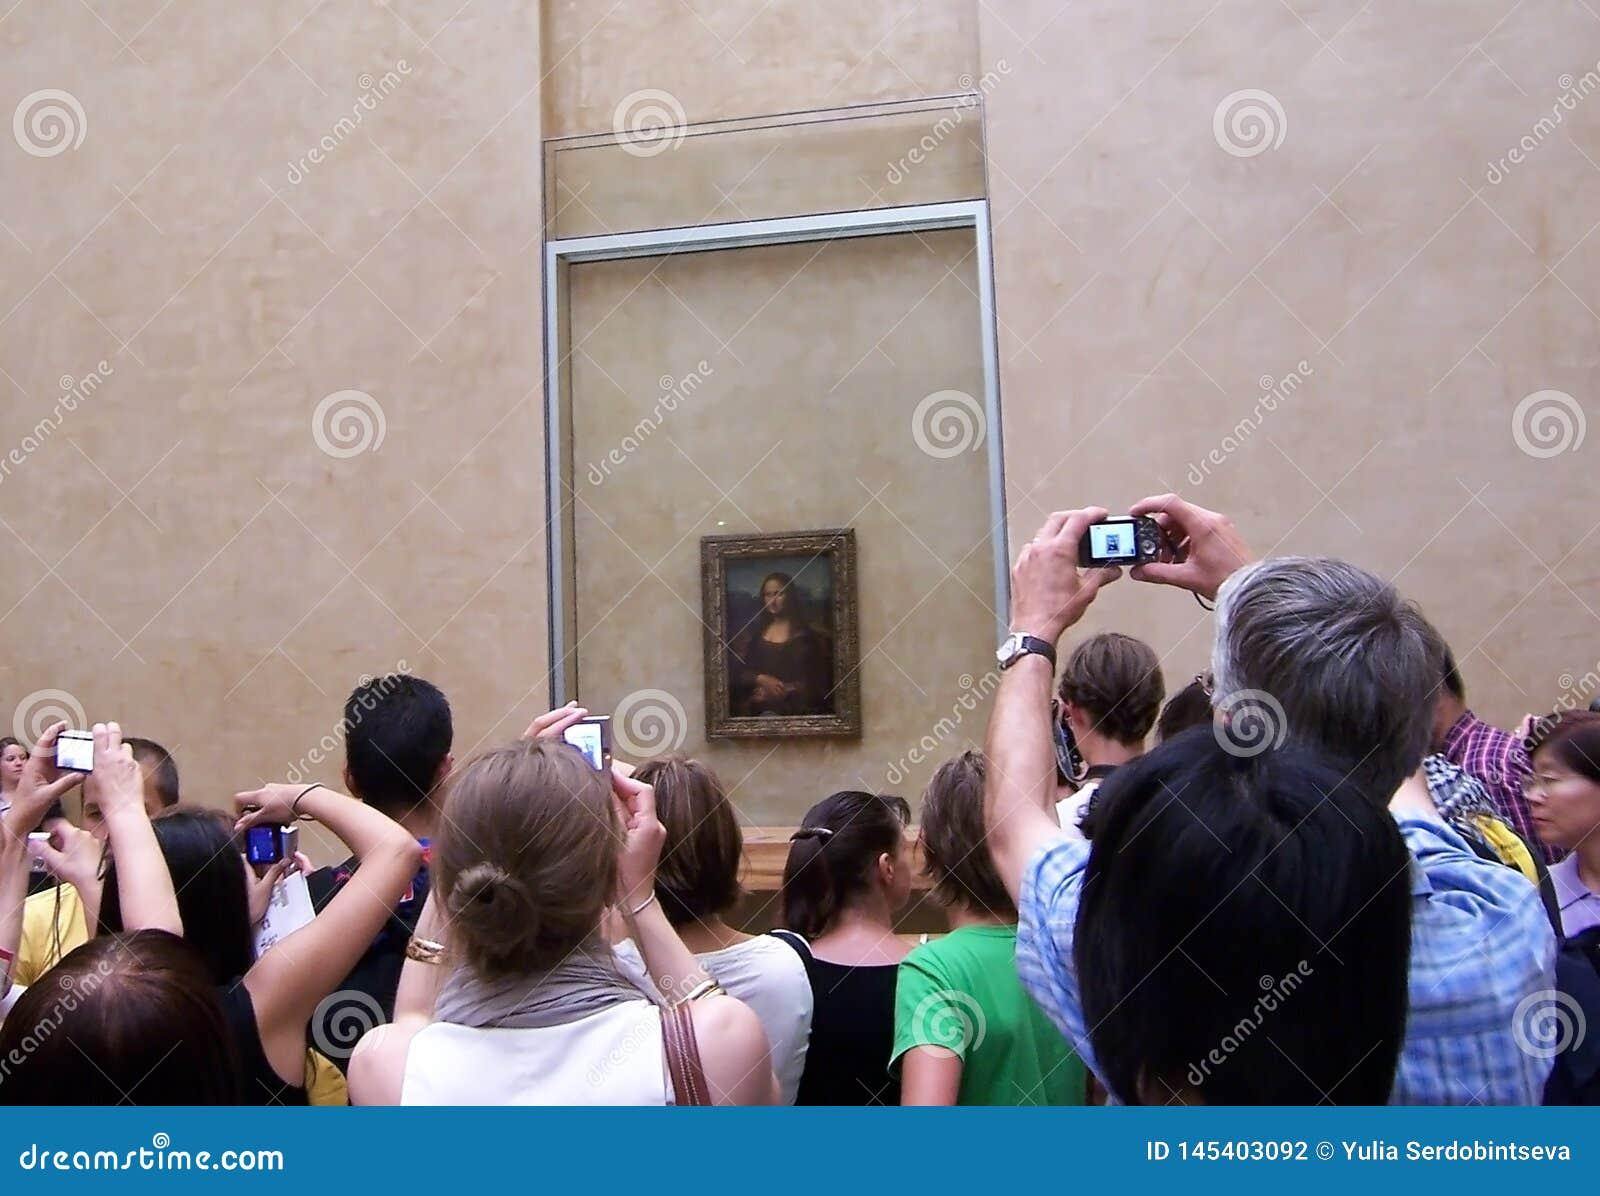 Paryż, sierpień 05, 2009: Turyści biorą obrazkom Mona Lisa Monna Lisa Gioconda w włoszczyźnie lub los angeles